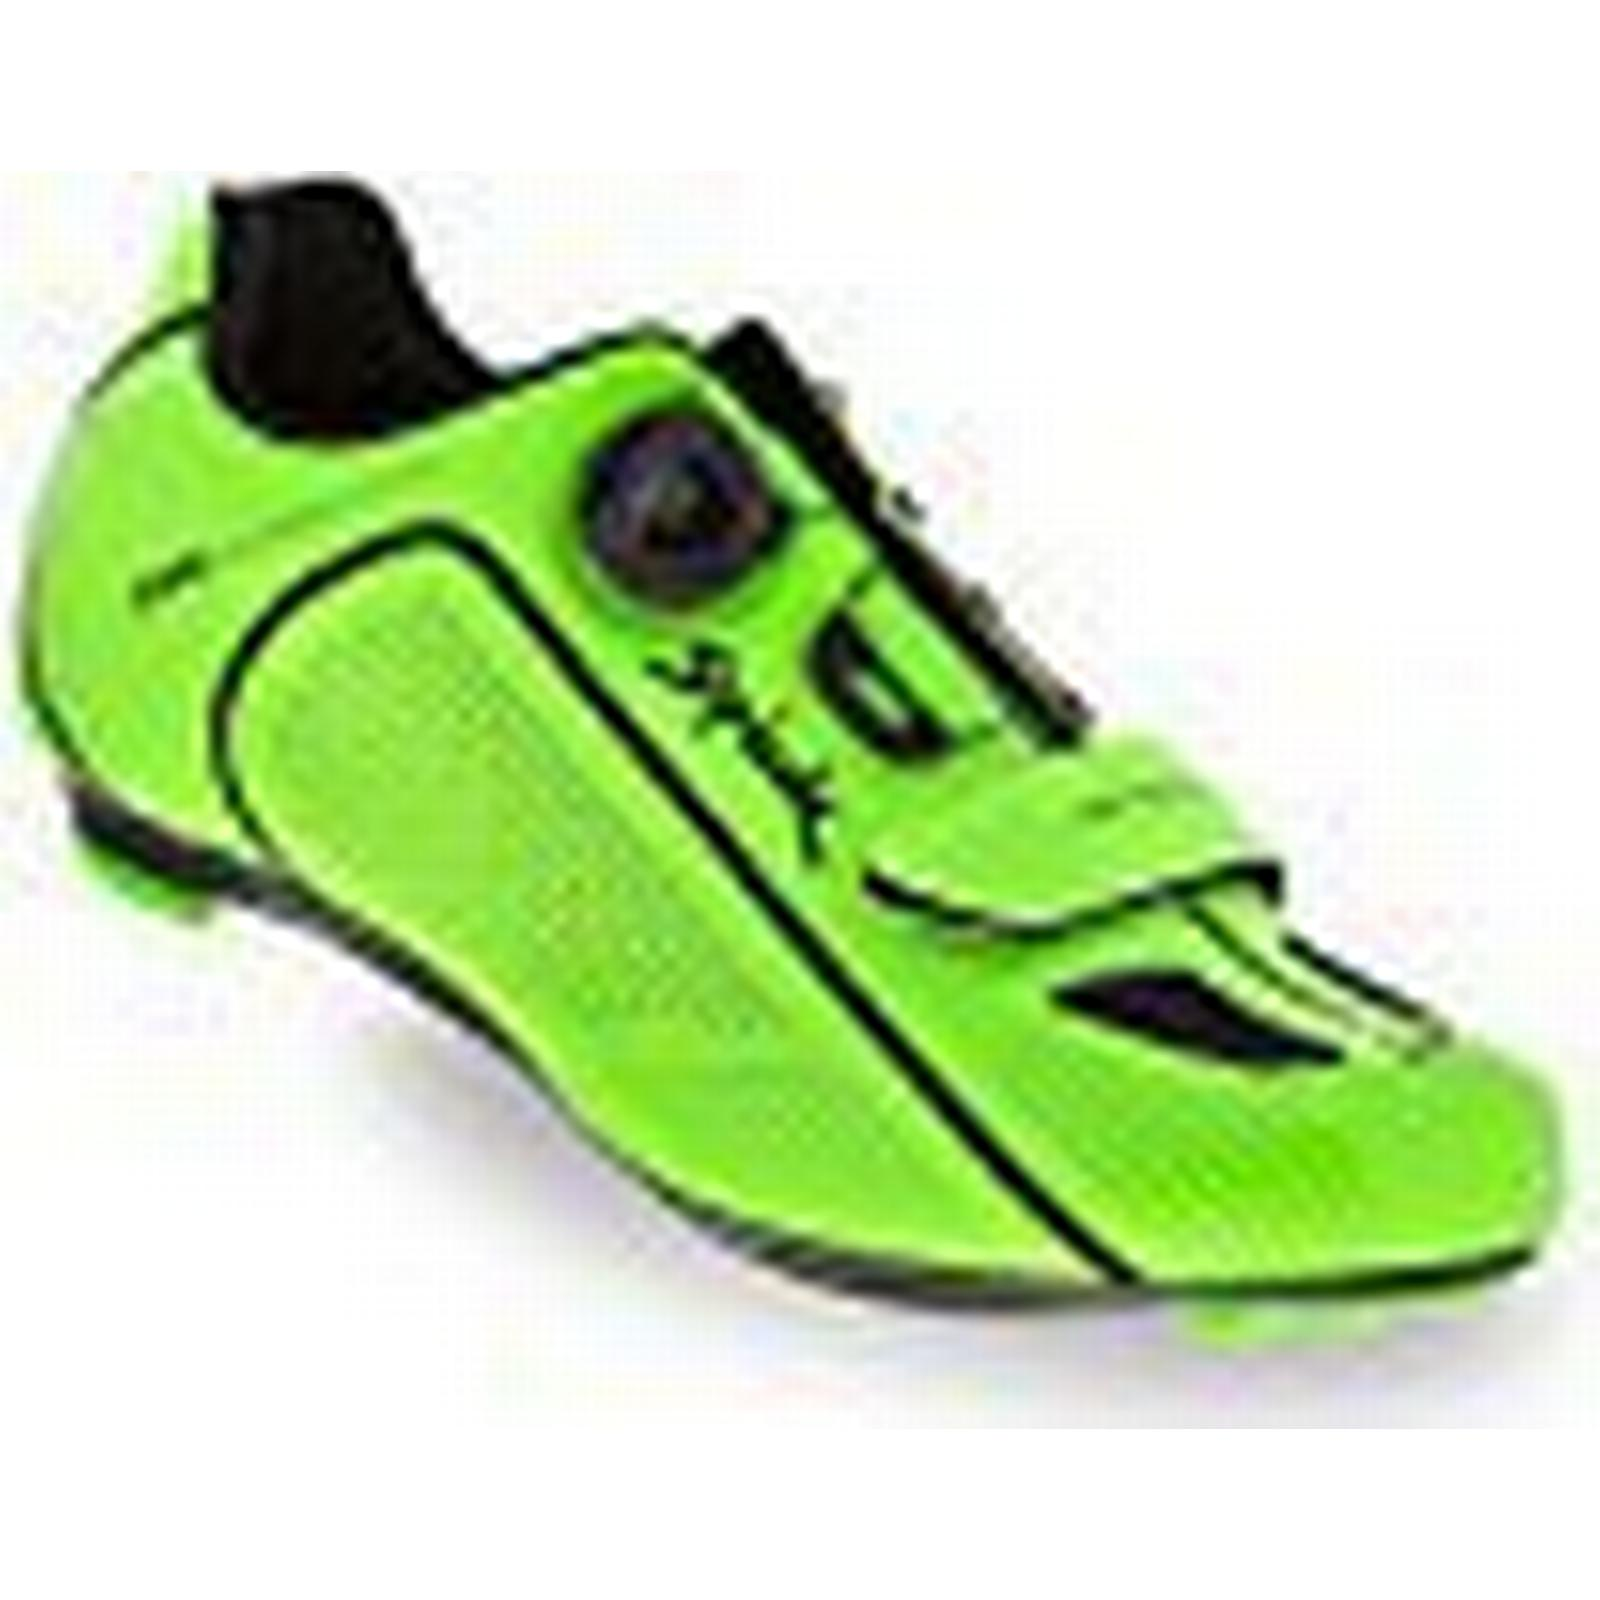 Spiuk Altube Road Road, Shoe, Unisex Adult, Unisex adult, Altube Road, Road Green/Black, 40 8a825c